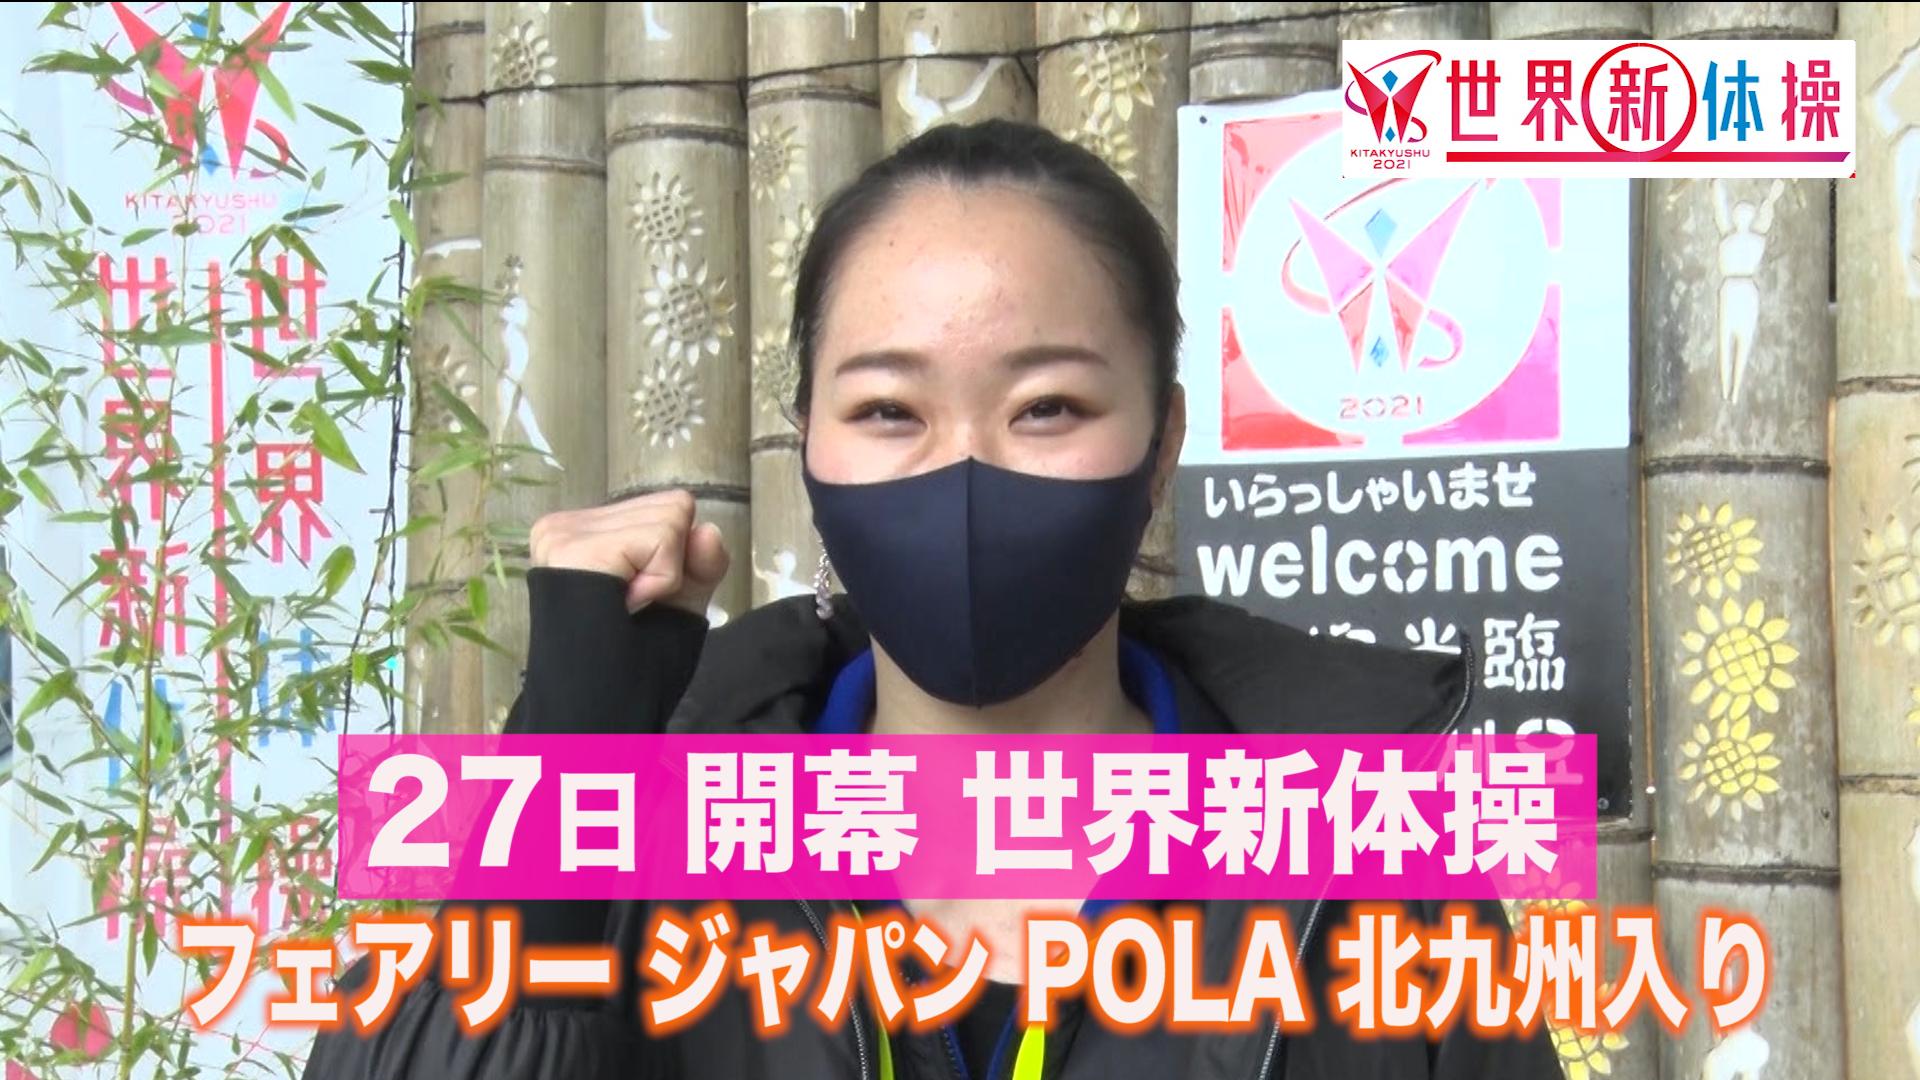 【世界新体操】フェアリー ジャパン POLA 北九州に到着!